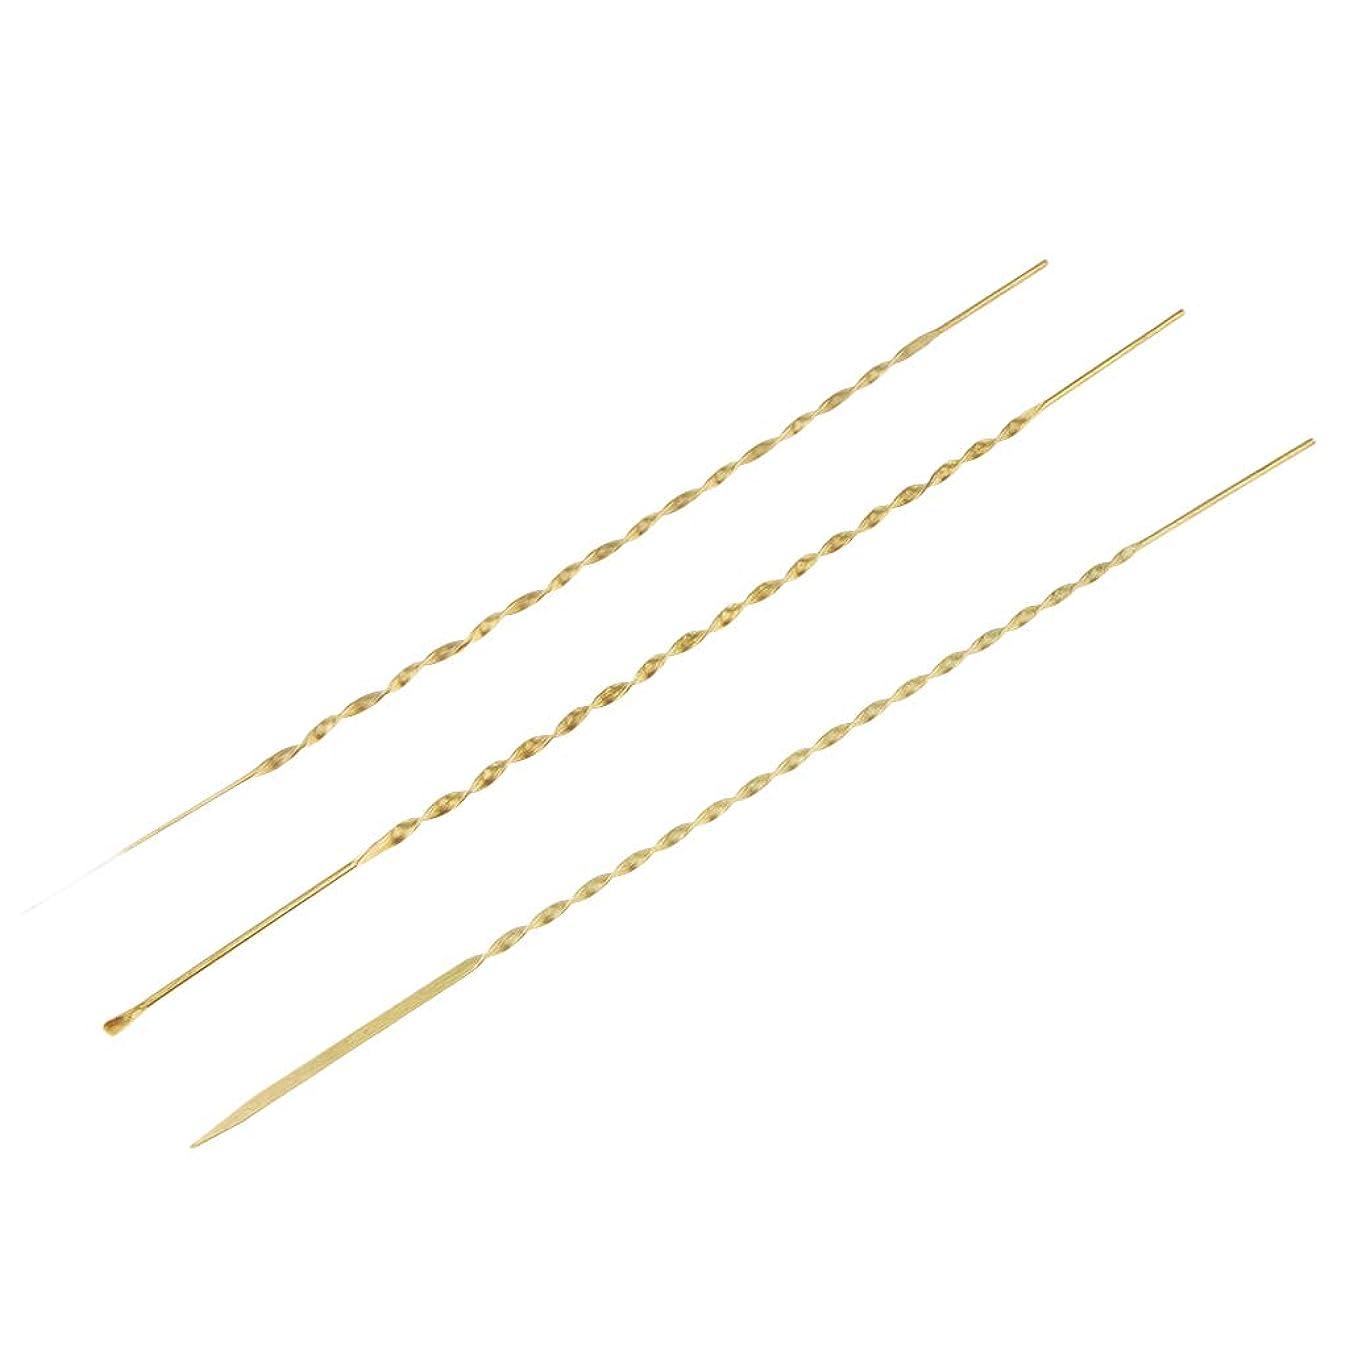 今神学校宿泊Baoblaze 3本 耳ピック 耳かき 耳ワックスリムーバー 高品質 金属製 3サイズ選べ - 17cm